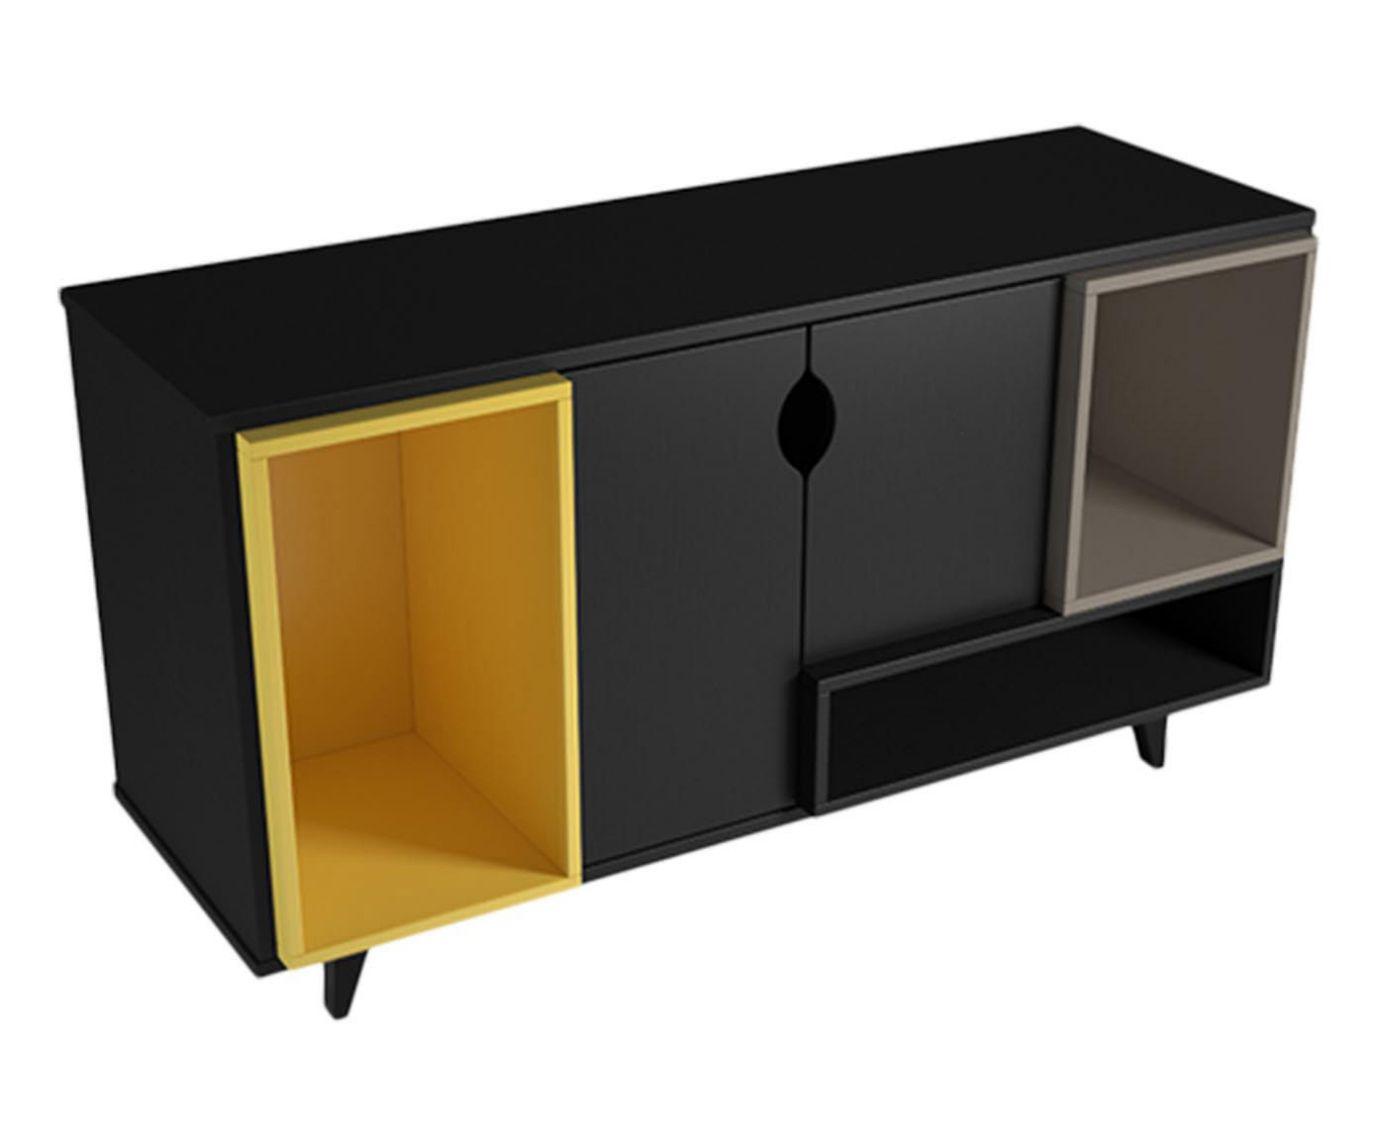 Rack Retalho Preto e Amarelo - 120x68,7cm | Westwing.com.br